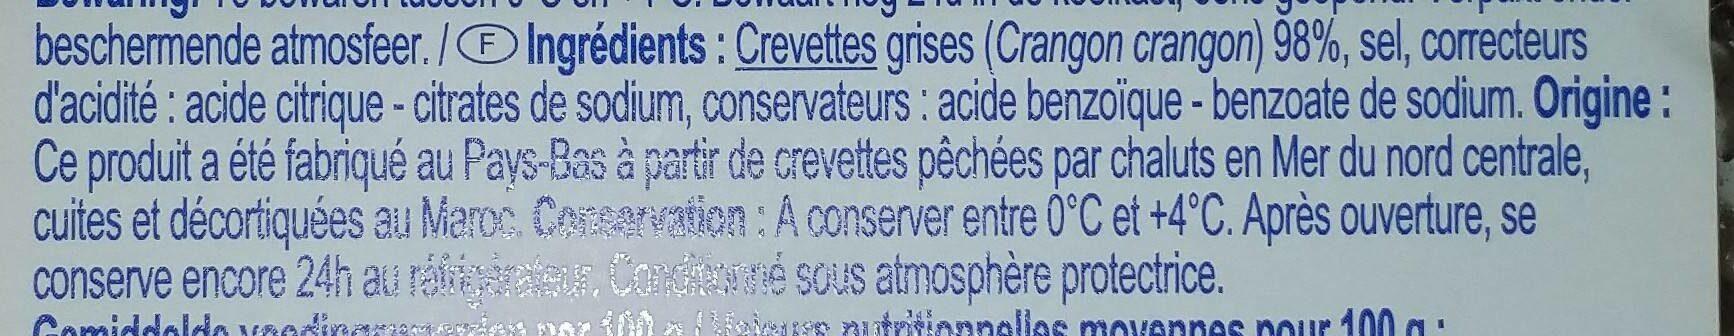 crevettes grises décortiquées - Ingrediënten - fr